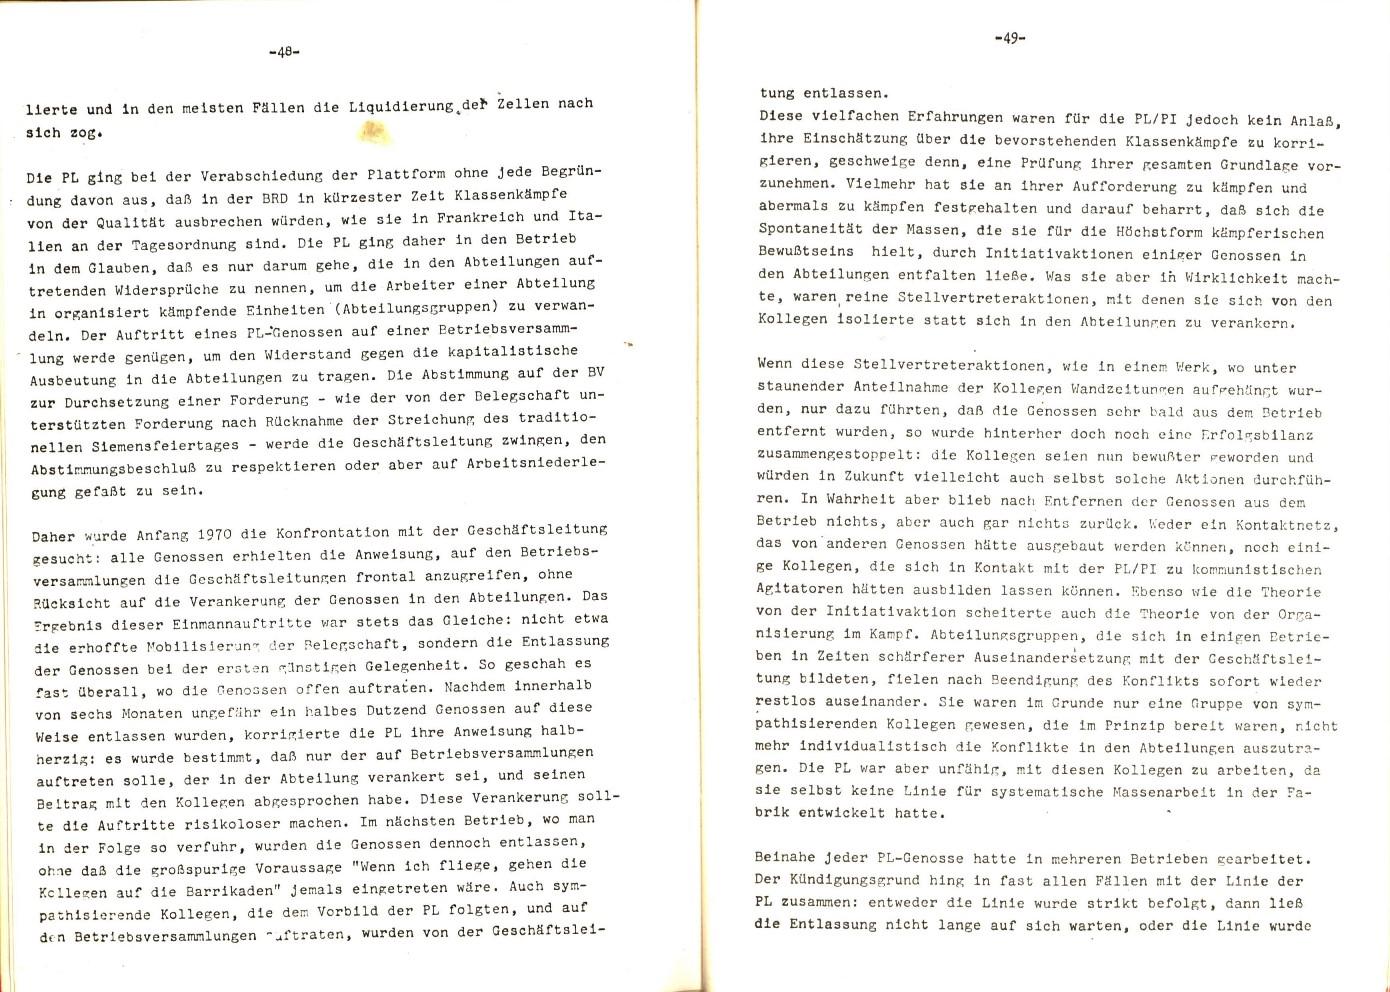 PLPI_1971_Aufloesung_27